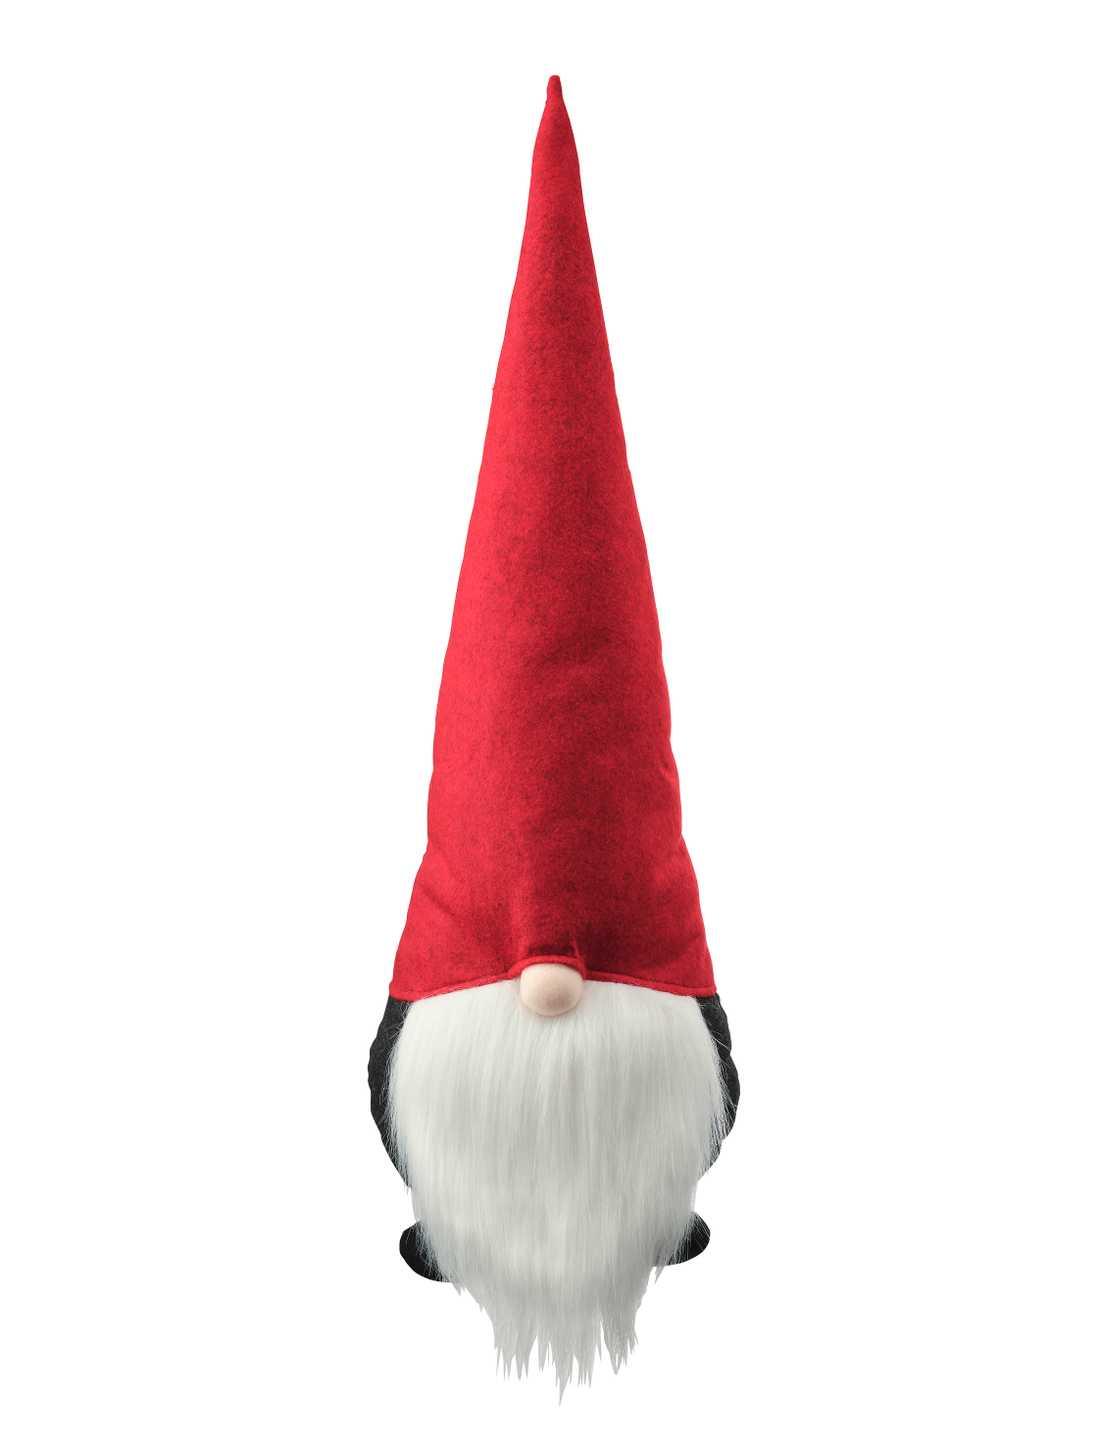 Ikea fick kritik för att man döpt sin julkollektion till Vinterfest. Men tidigare år har kollektionen hetat Snömys och Vinter 2018, utan större protester.